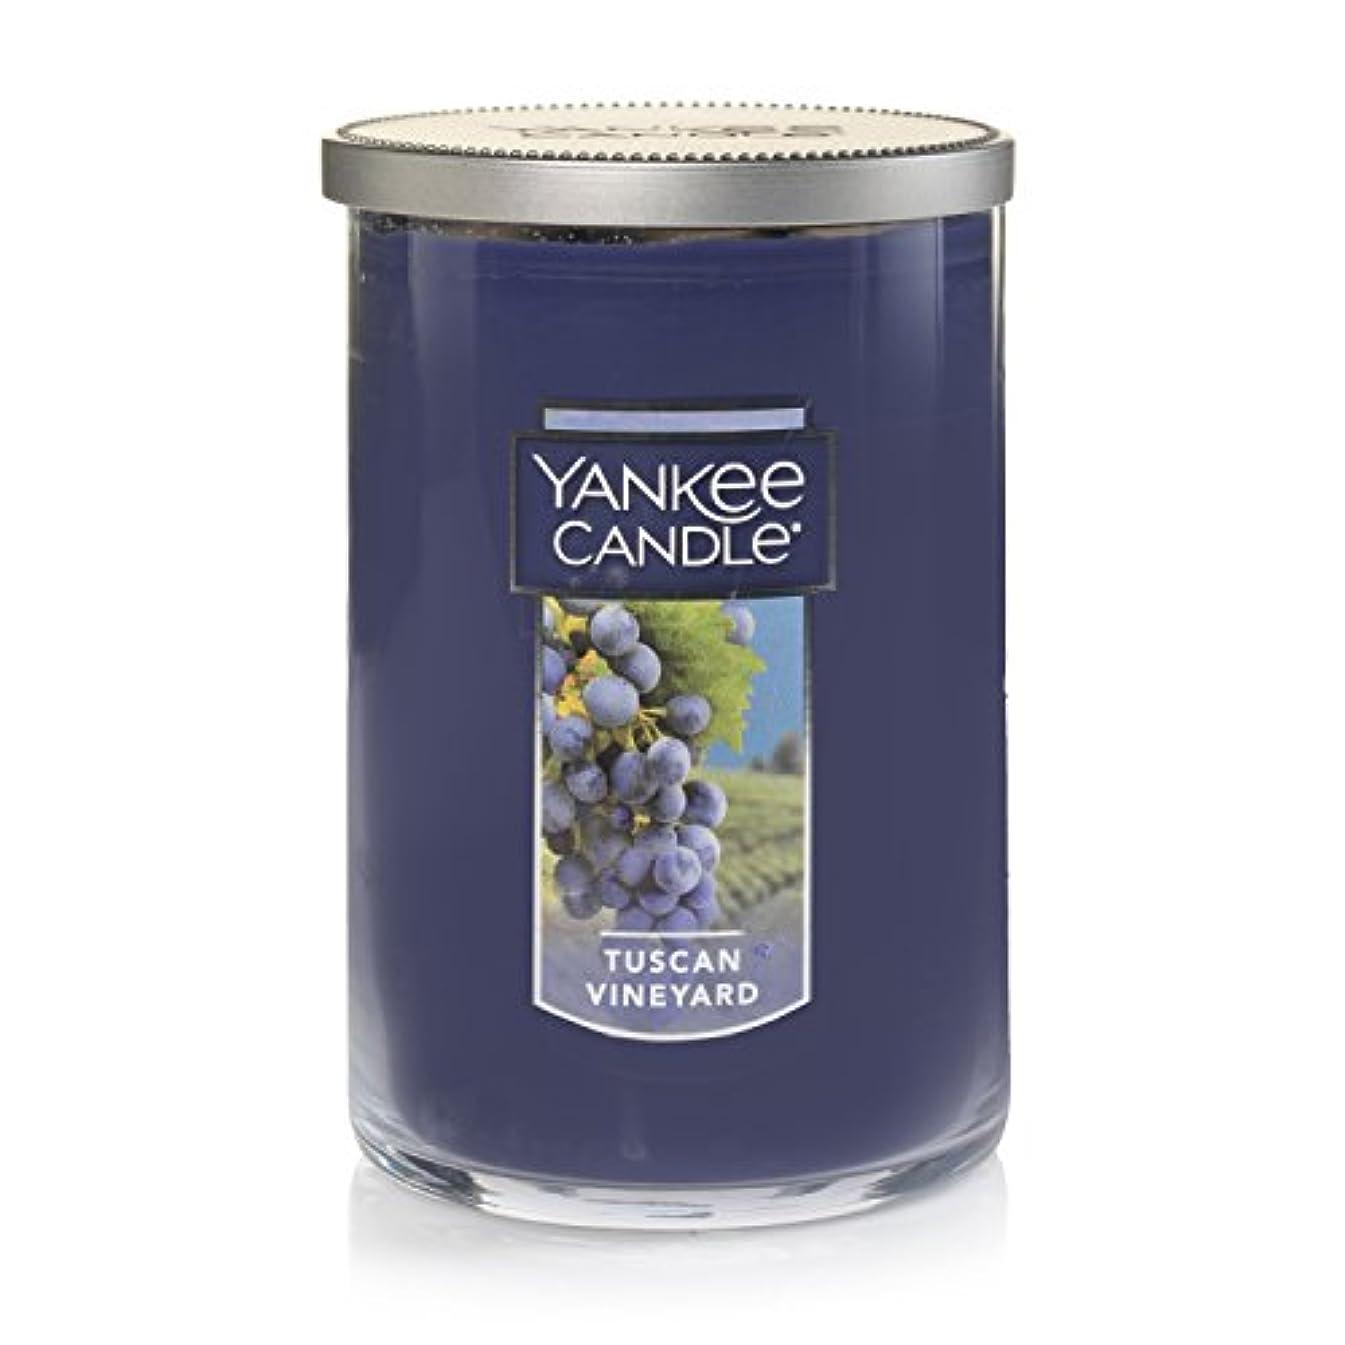 絶対にツイン関連するYankee Candle Tuscan Vineyard Large 2-Wick Tumbler Candle パープル 1521694z